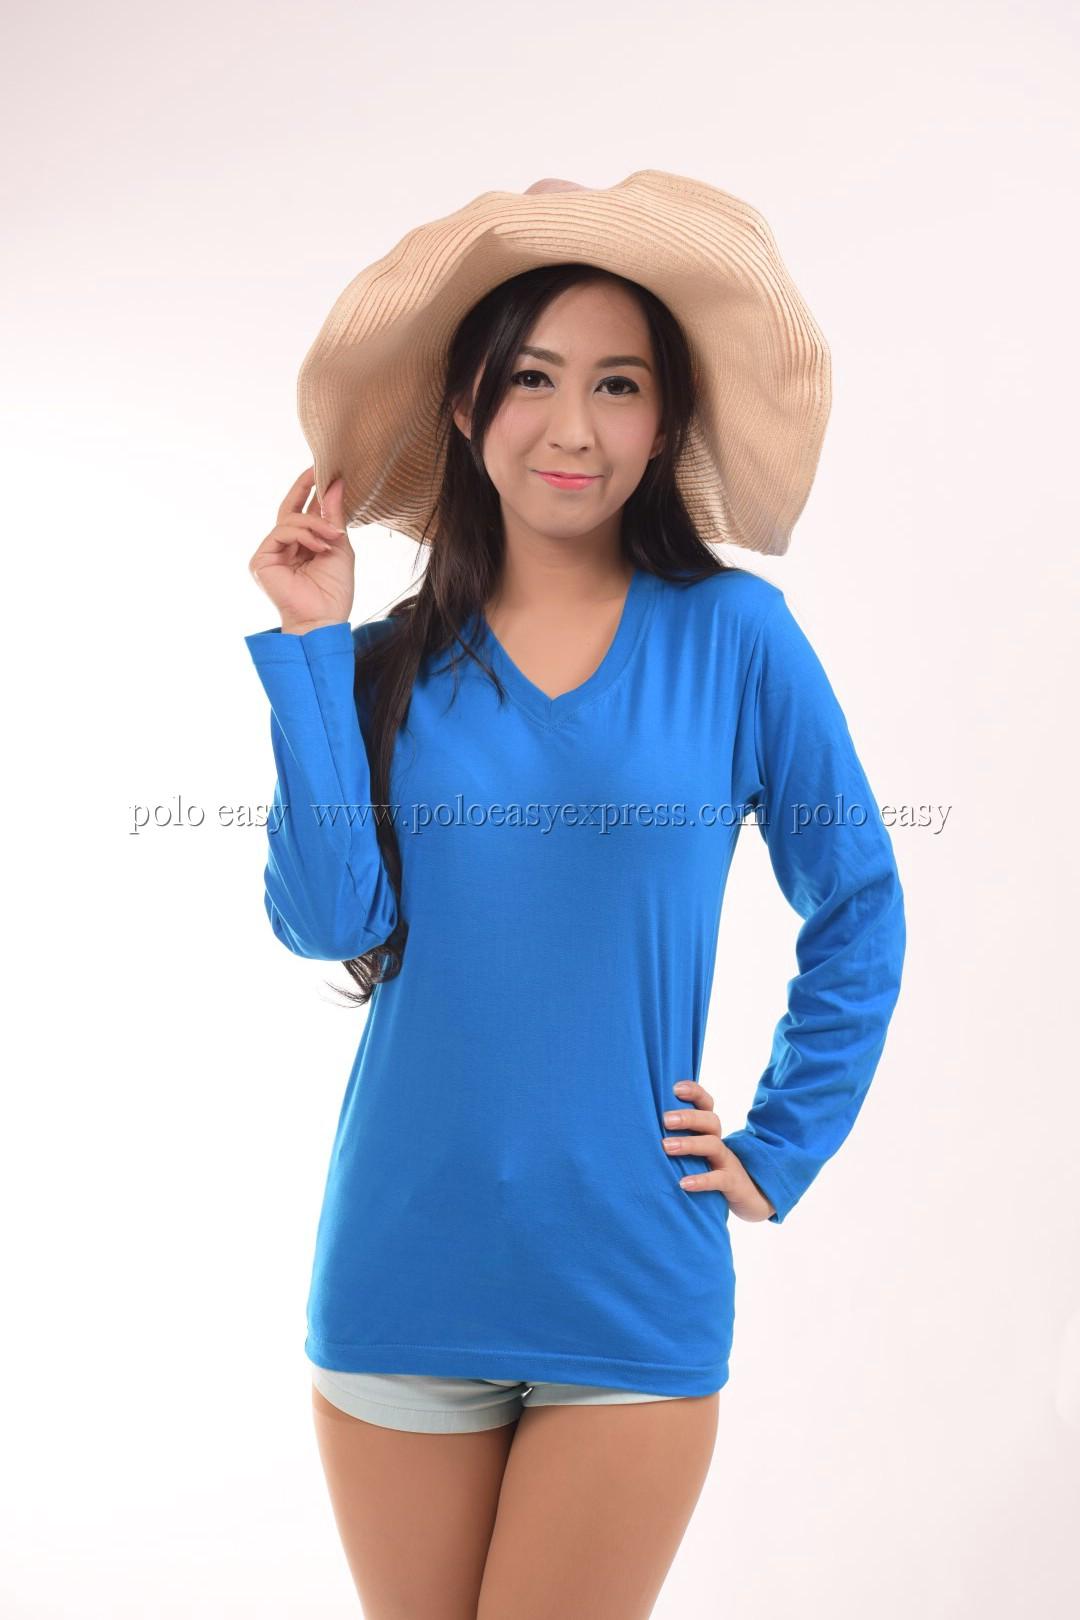 เสื้อยืด สีฟ้าทะเล คอวี แขนยาว Size S